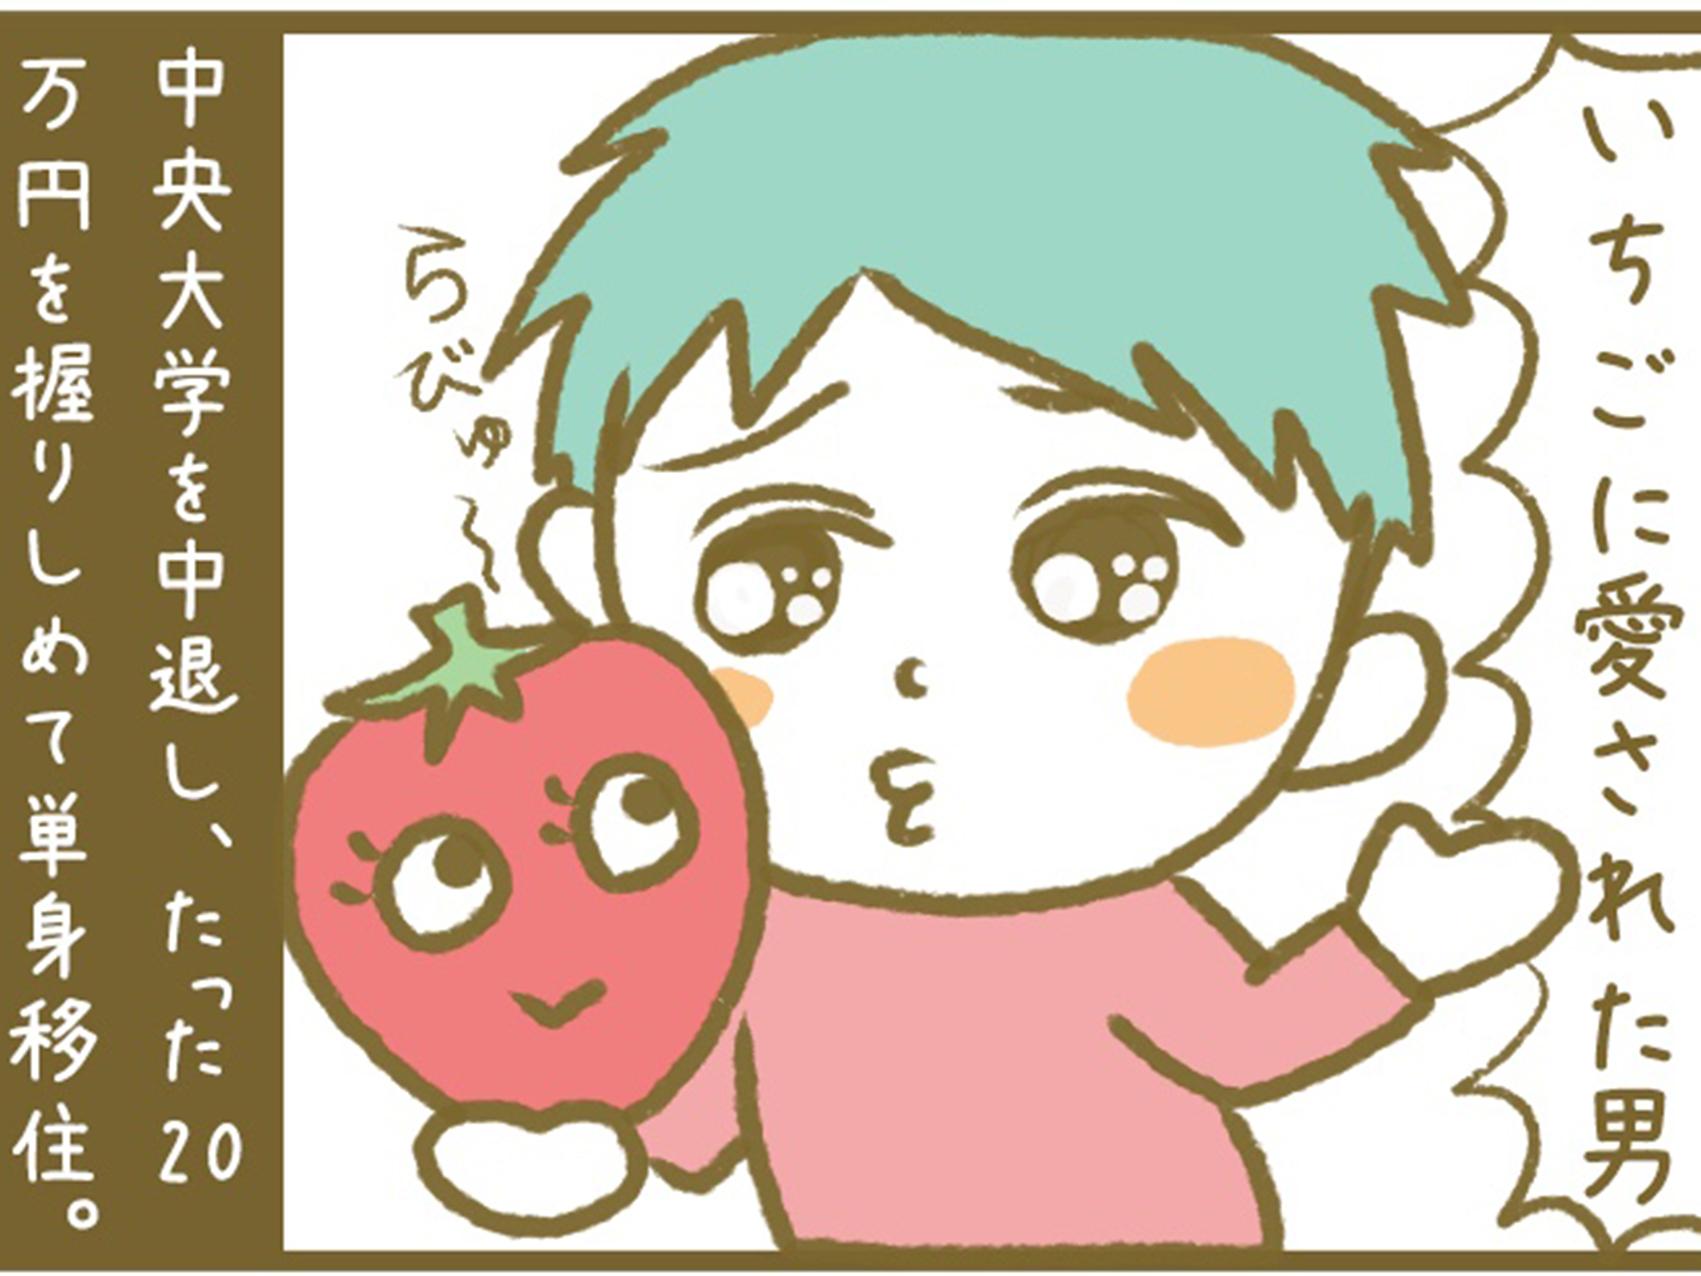 「宮崎に移住した農家の嫁日記」【第1話】いちごになったダンナ